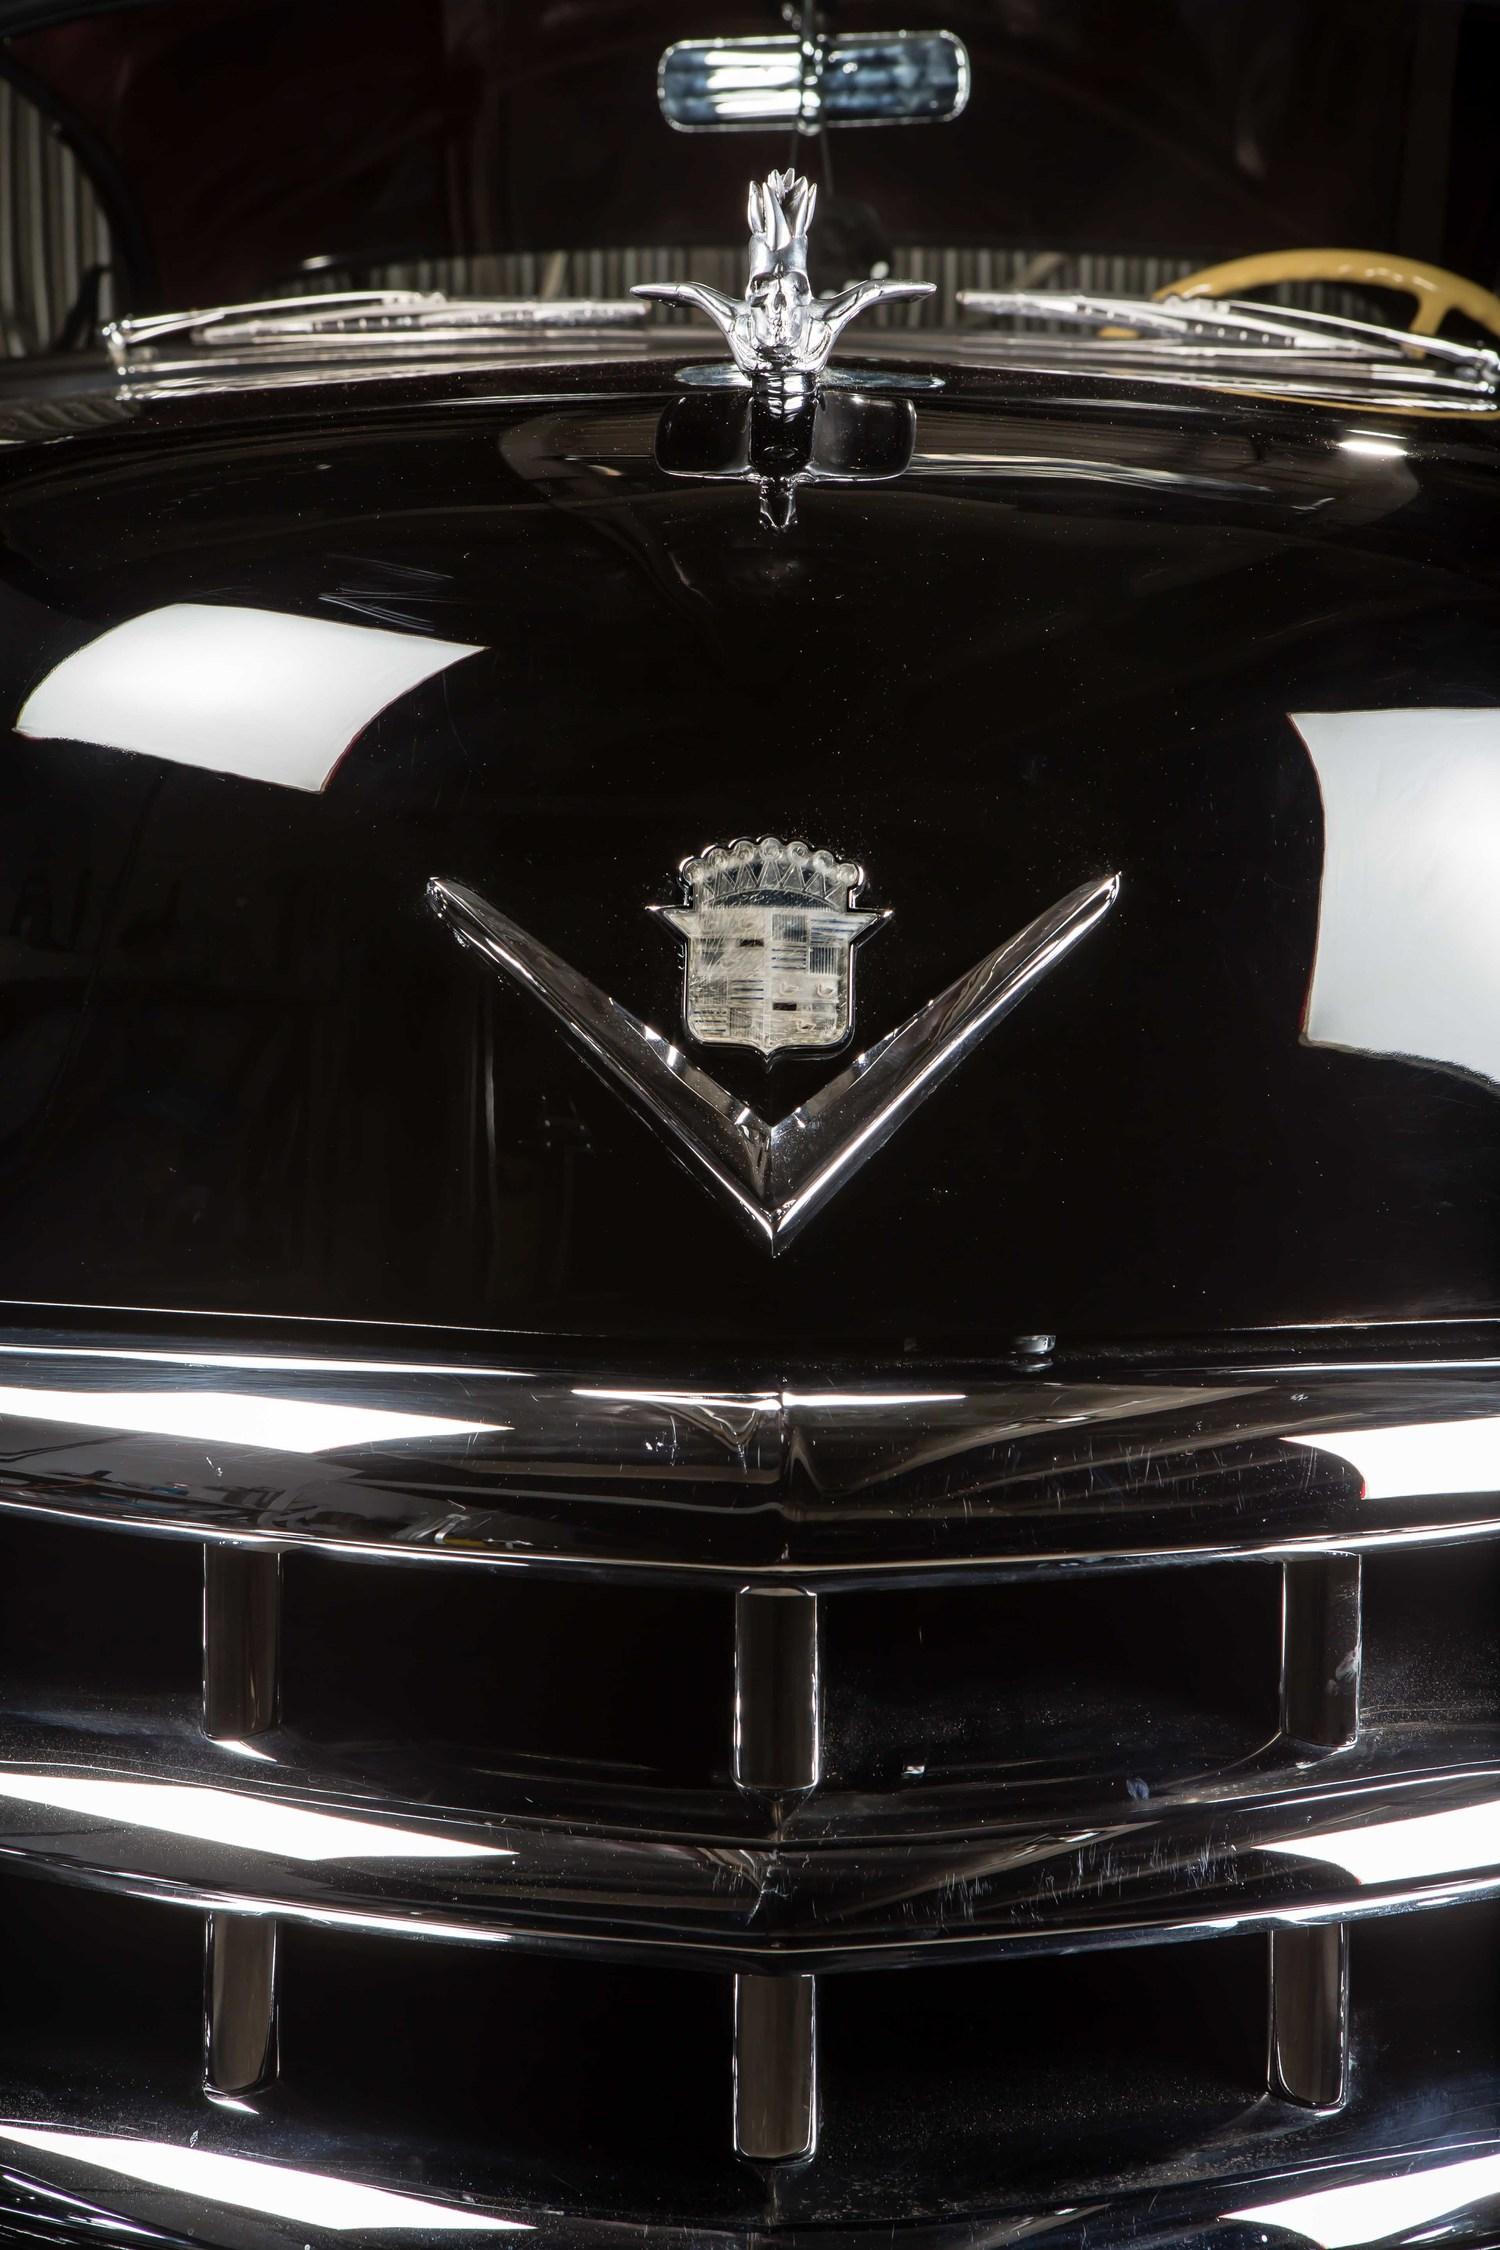 Anaheim+Rod+and+Custom+1950+Cadillac+-5.jpg